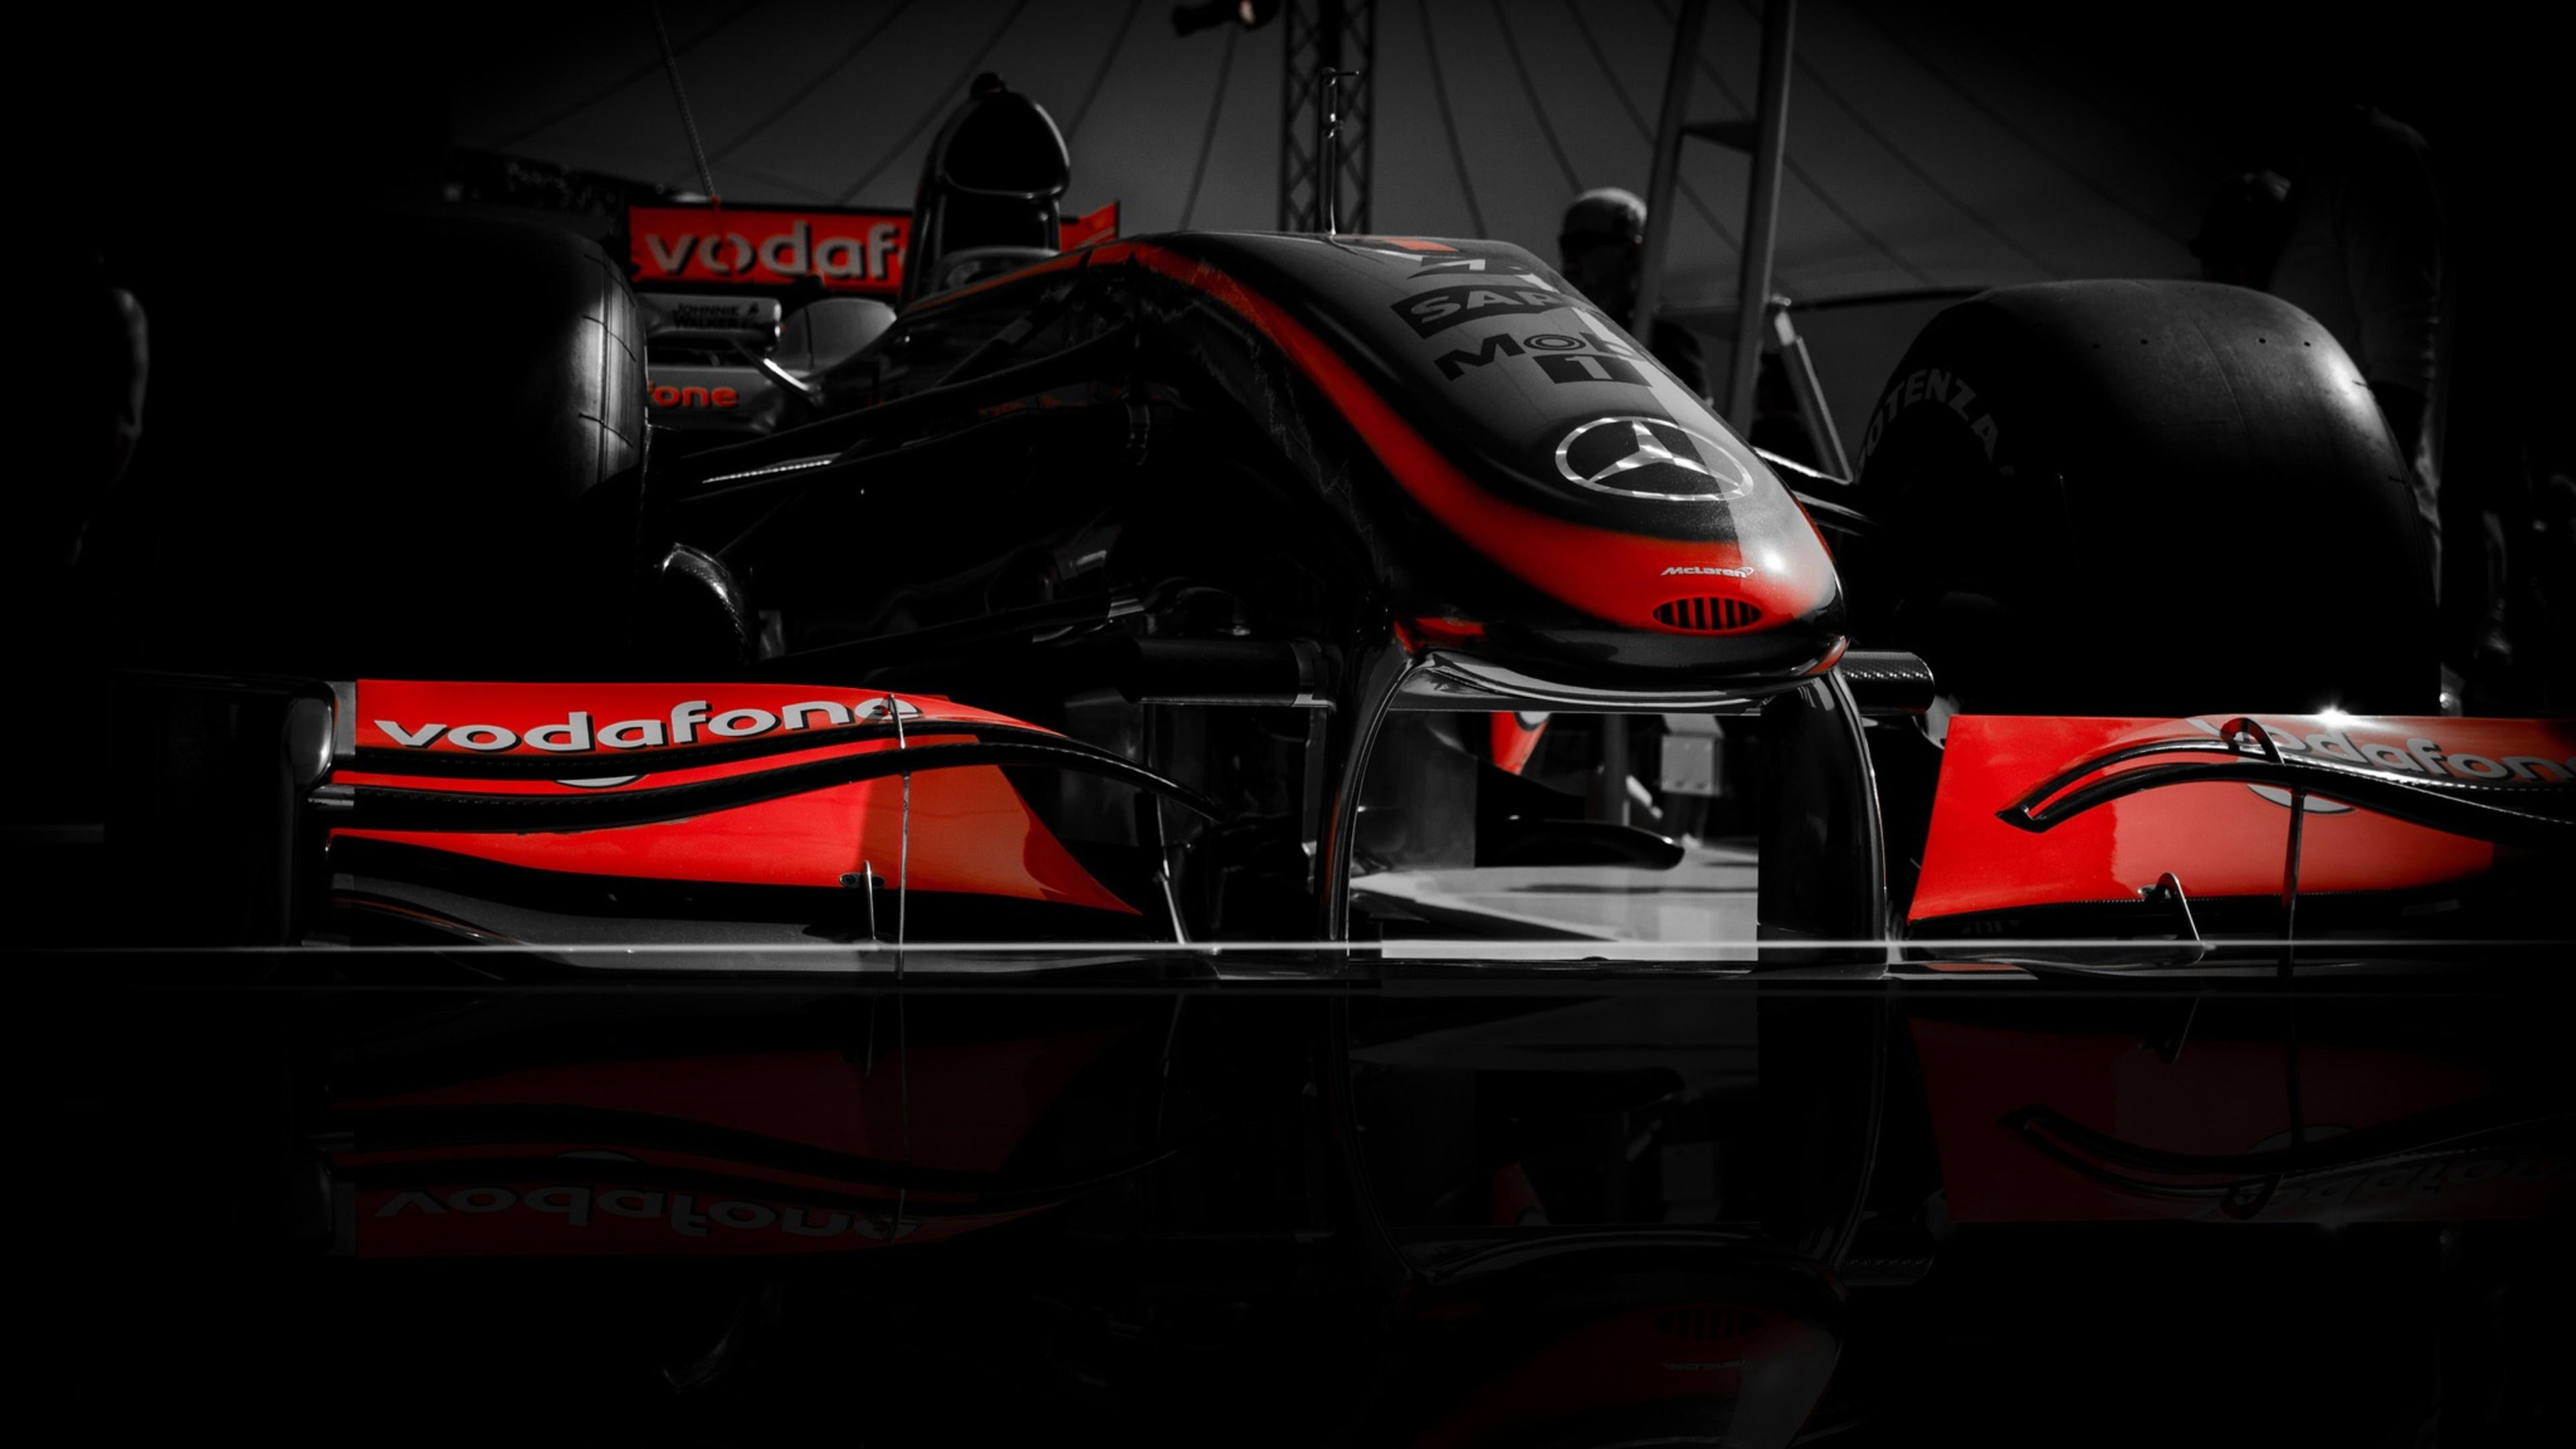 3840x2160 f1 racing car 4k hd 4k wallpapers images - Car racing wallpaper free download ...